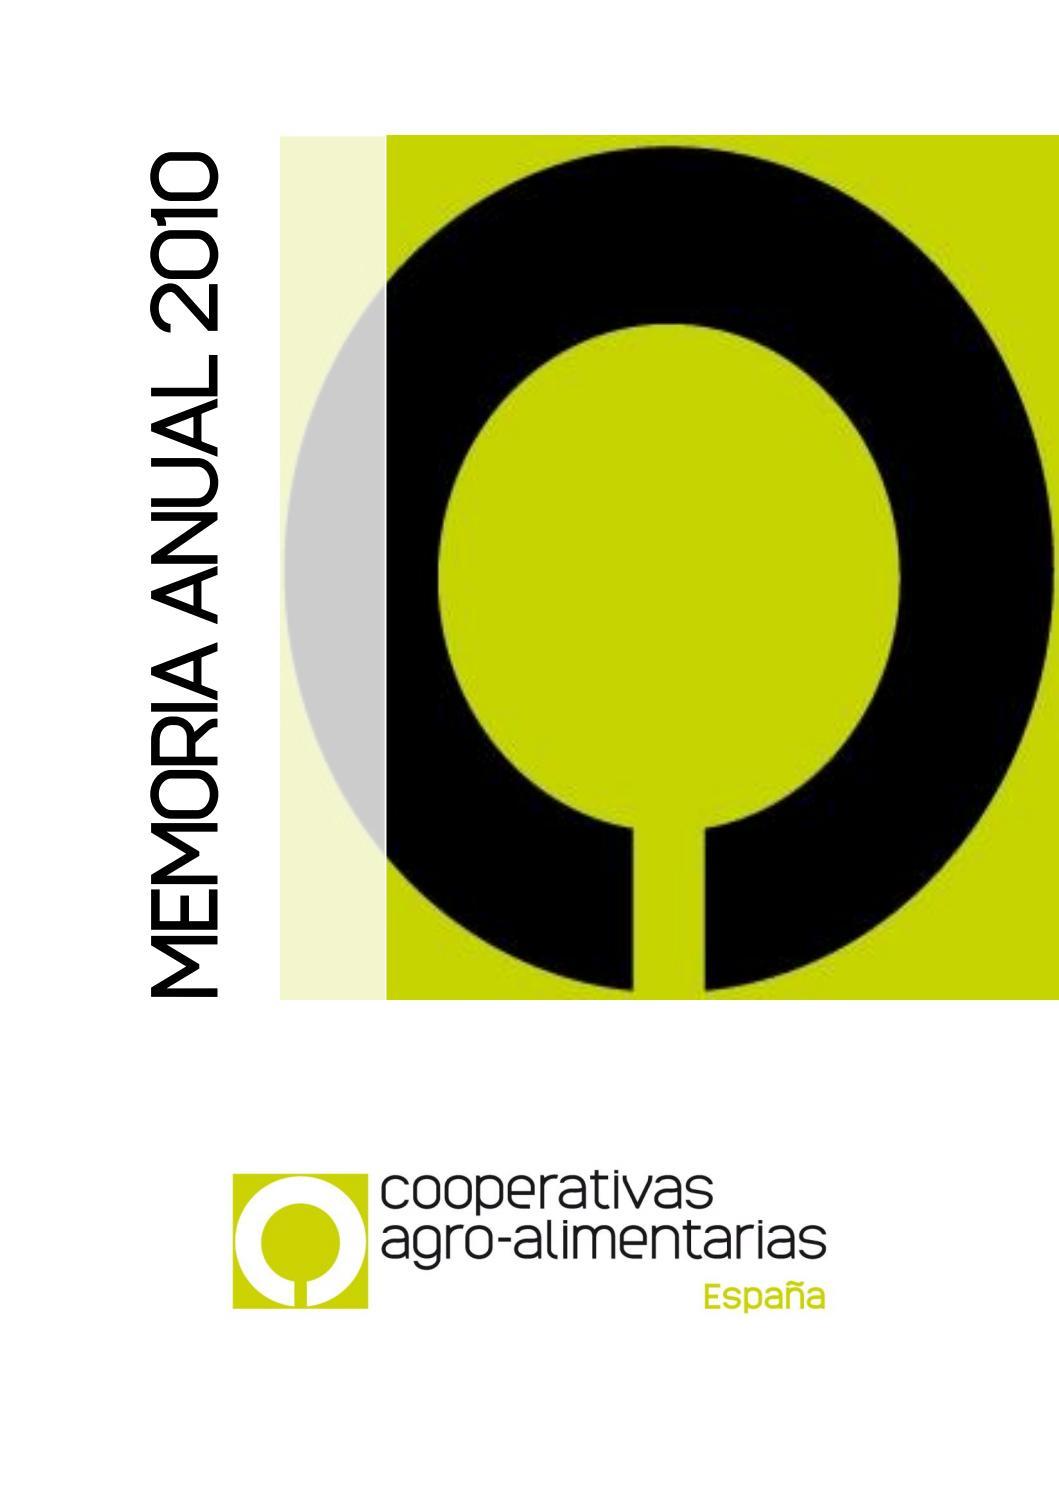 03277 By Cooperativas Agro Alimentarias De España Issuu